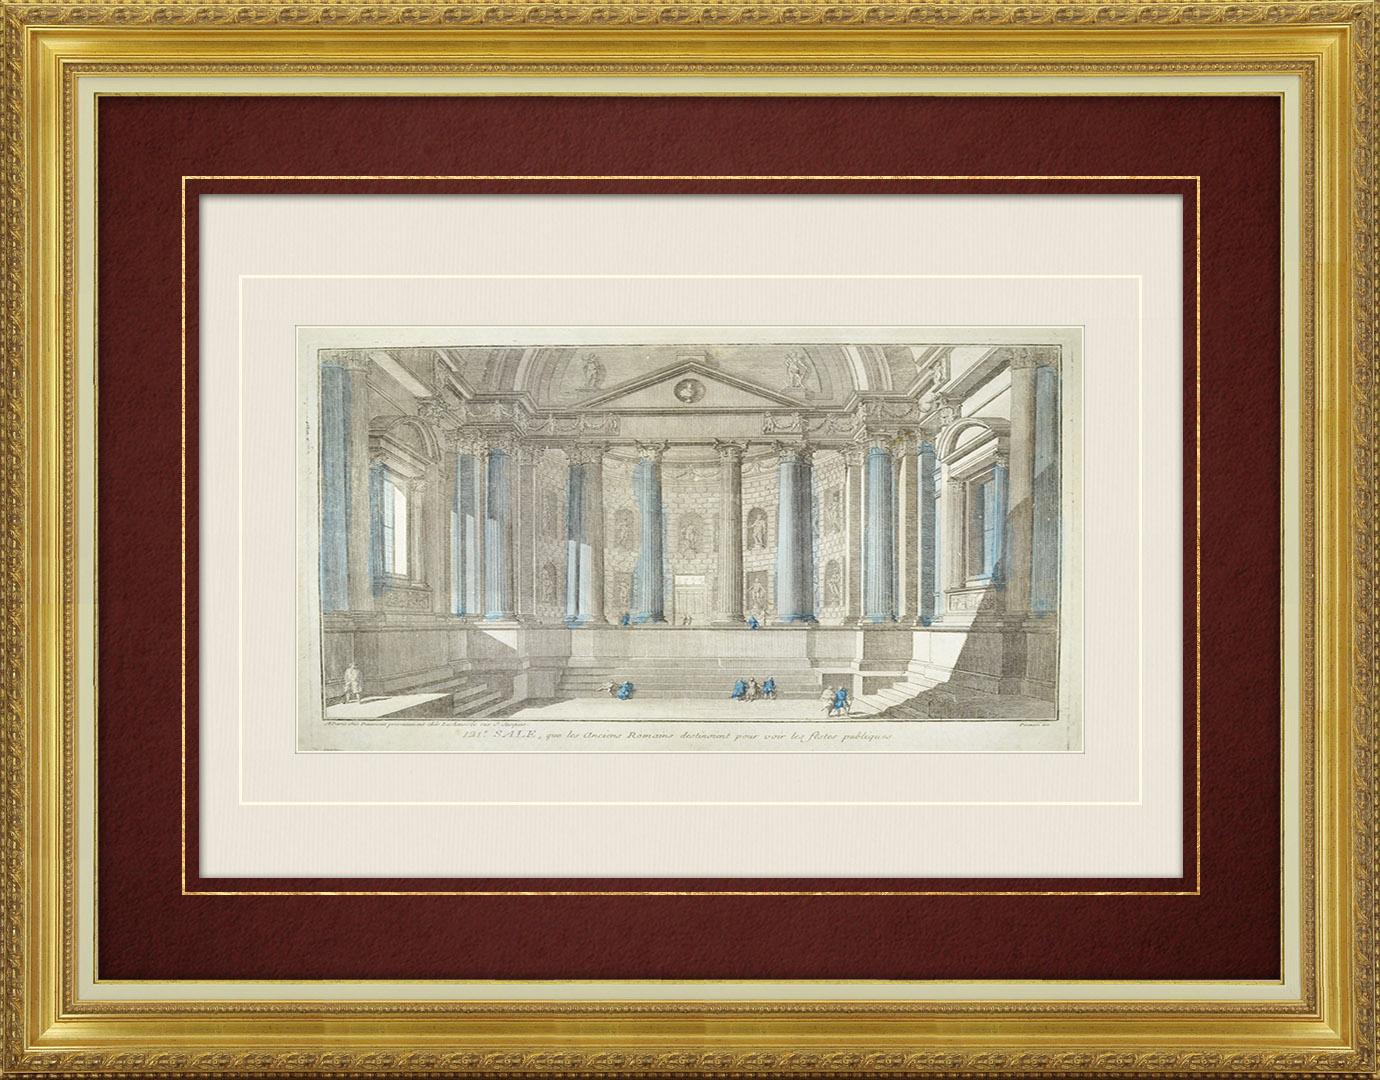 Vue d'optique du 18e siècle en coloris d'époque d'une salle à colonnes et statues de la Rome antique